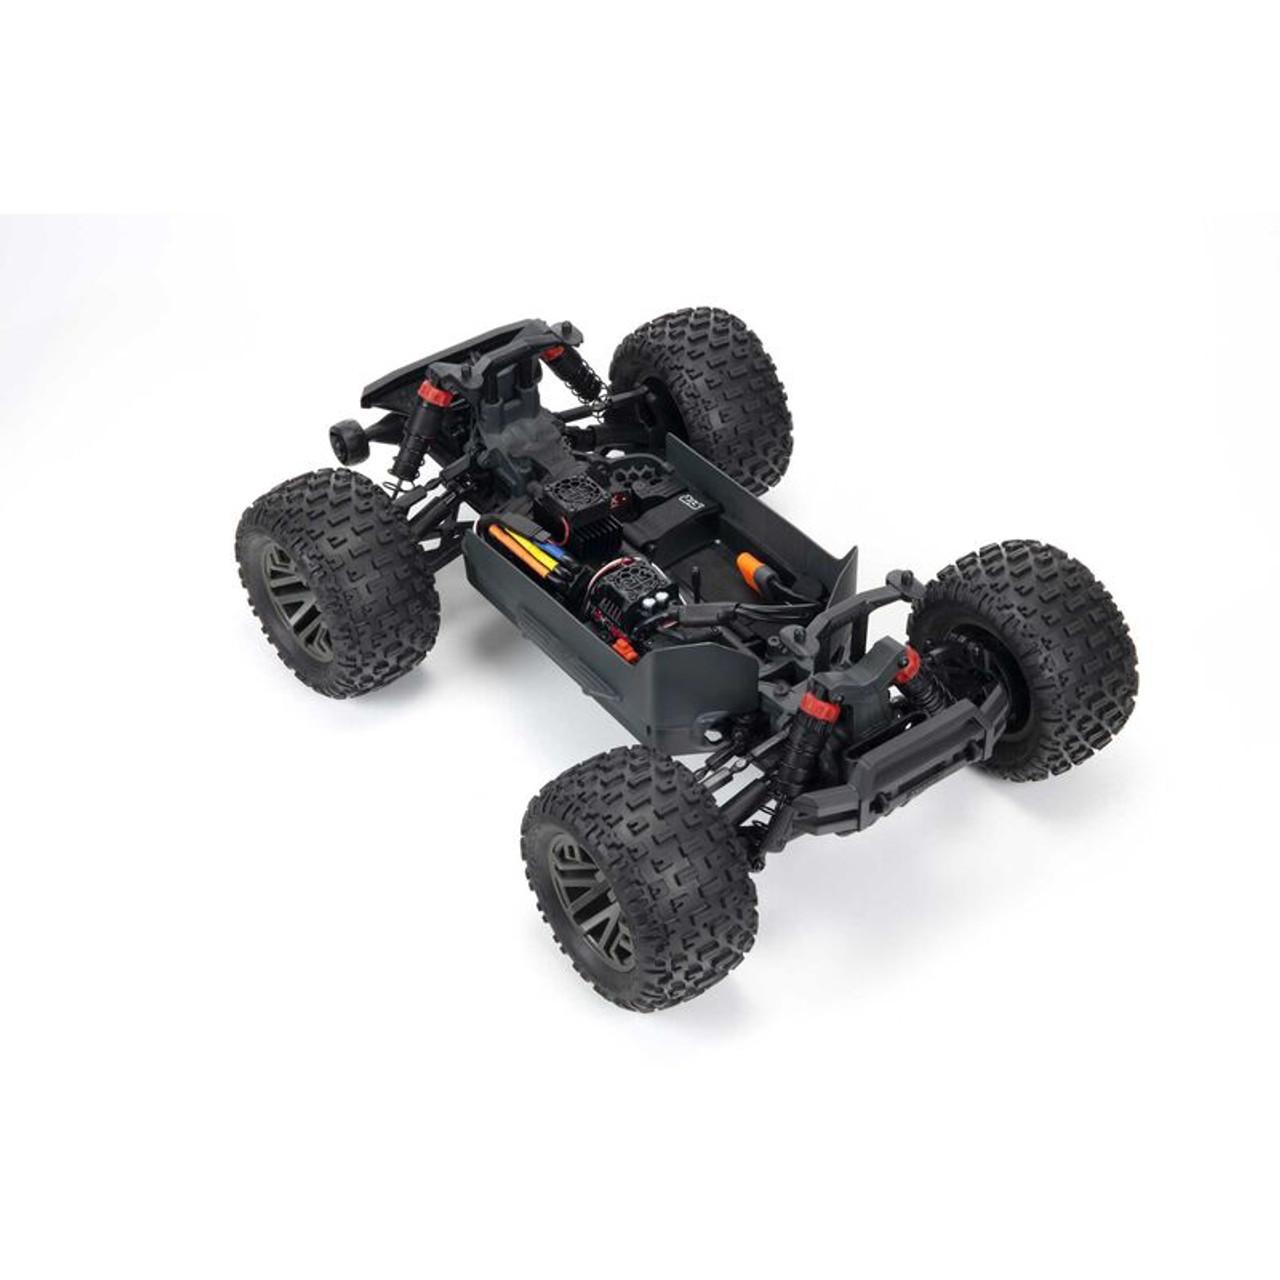 Arrma Granite 4X4 V3 3S BLX 1/10 RTR Brushless 4WD Monster Truck (Green) w/ Spektrum SLT3 2.4GHz Radio